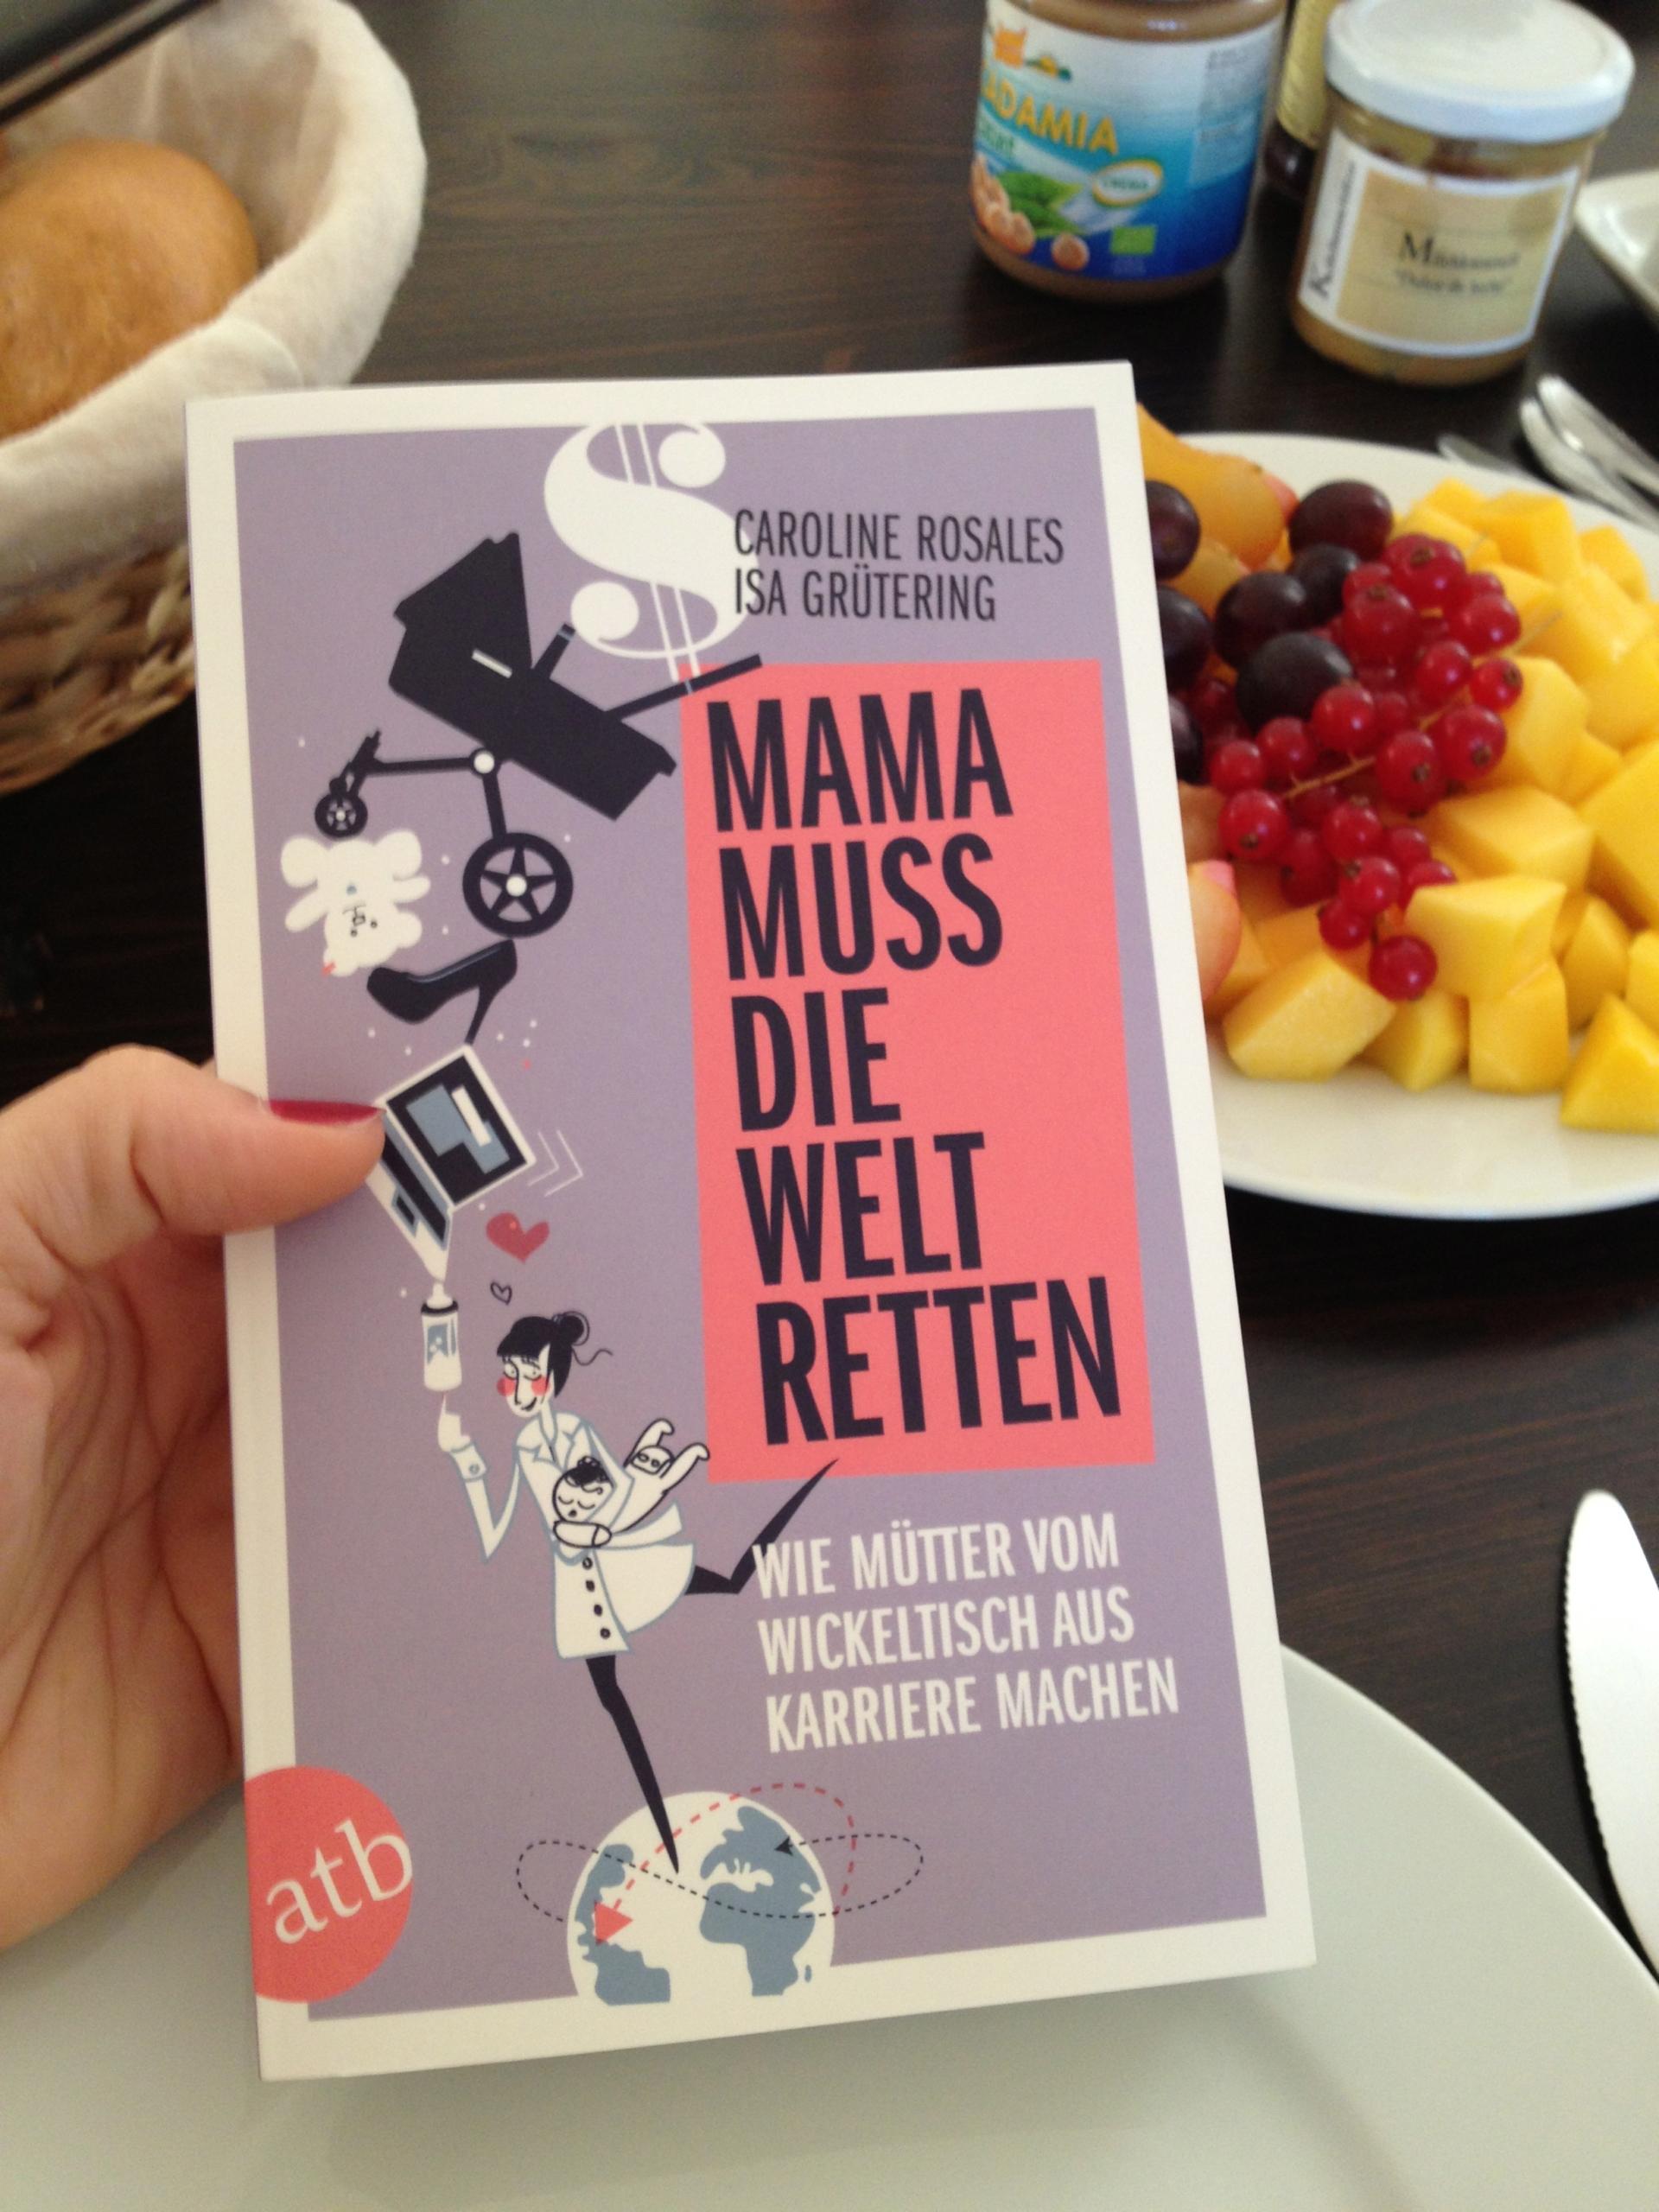 Mama muss die Welt retten: Wie Mütter vom Wickeltisch aus Karriere machen (Isa Grütering & Caroline Rosales)